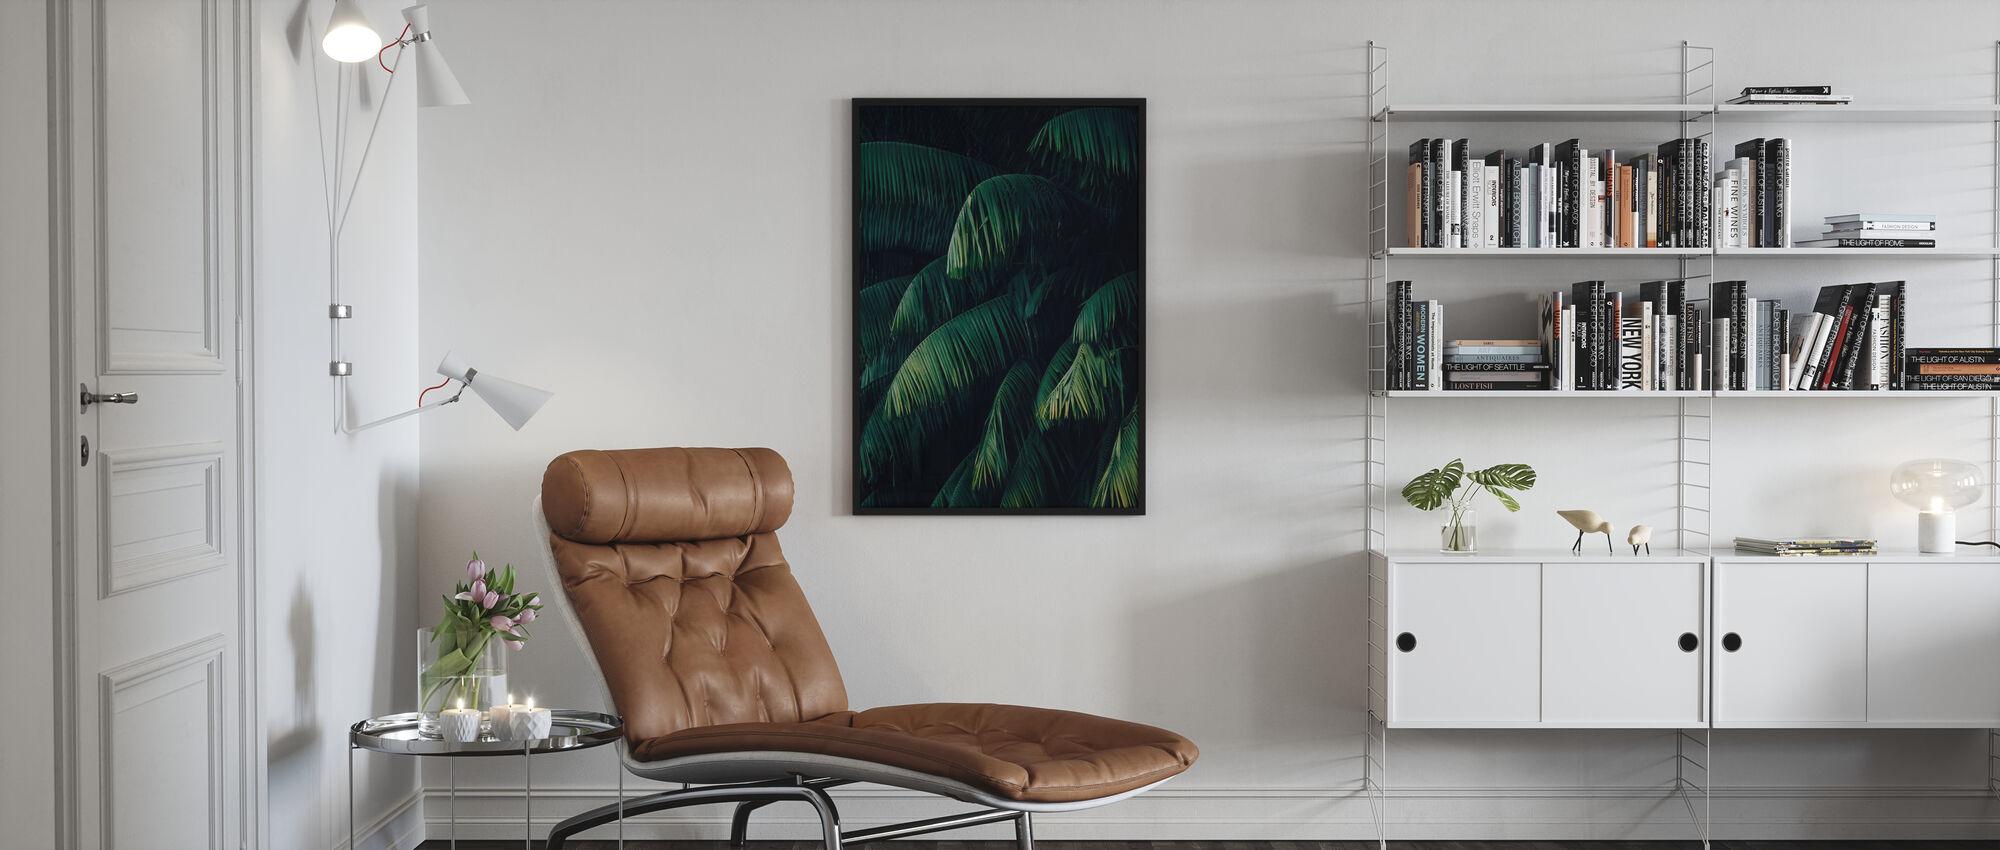 Tropische Palmenblätter - Poster - Wohnzimmer